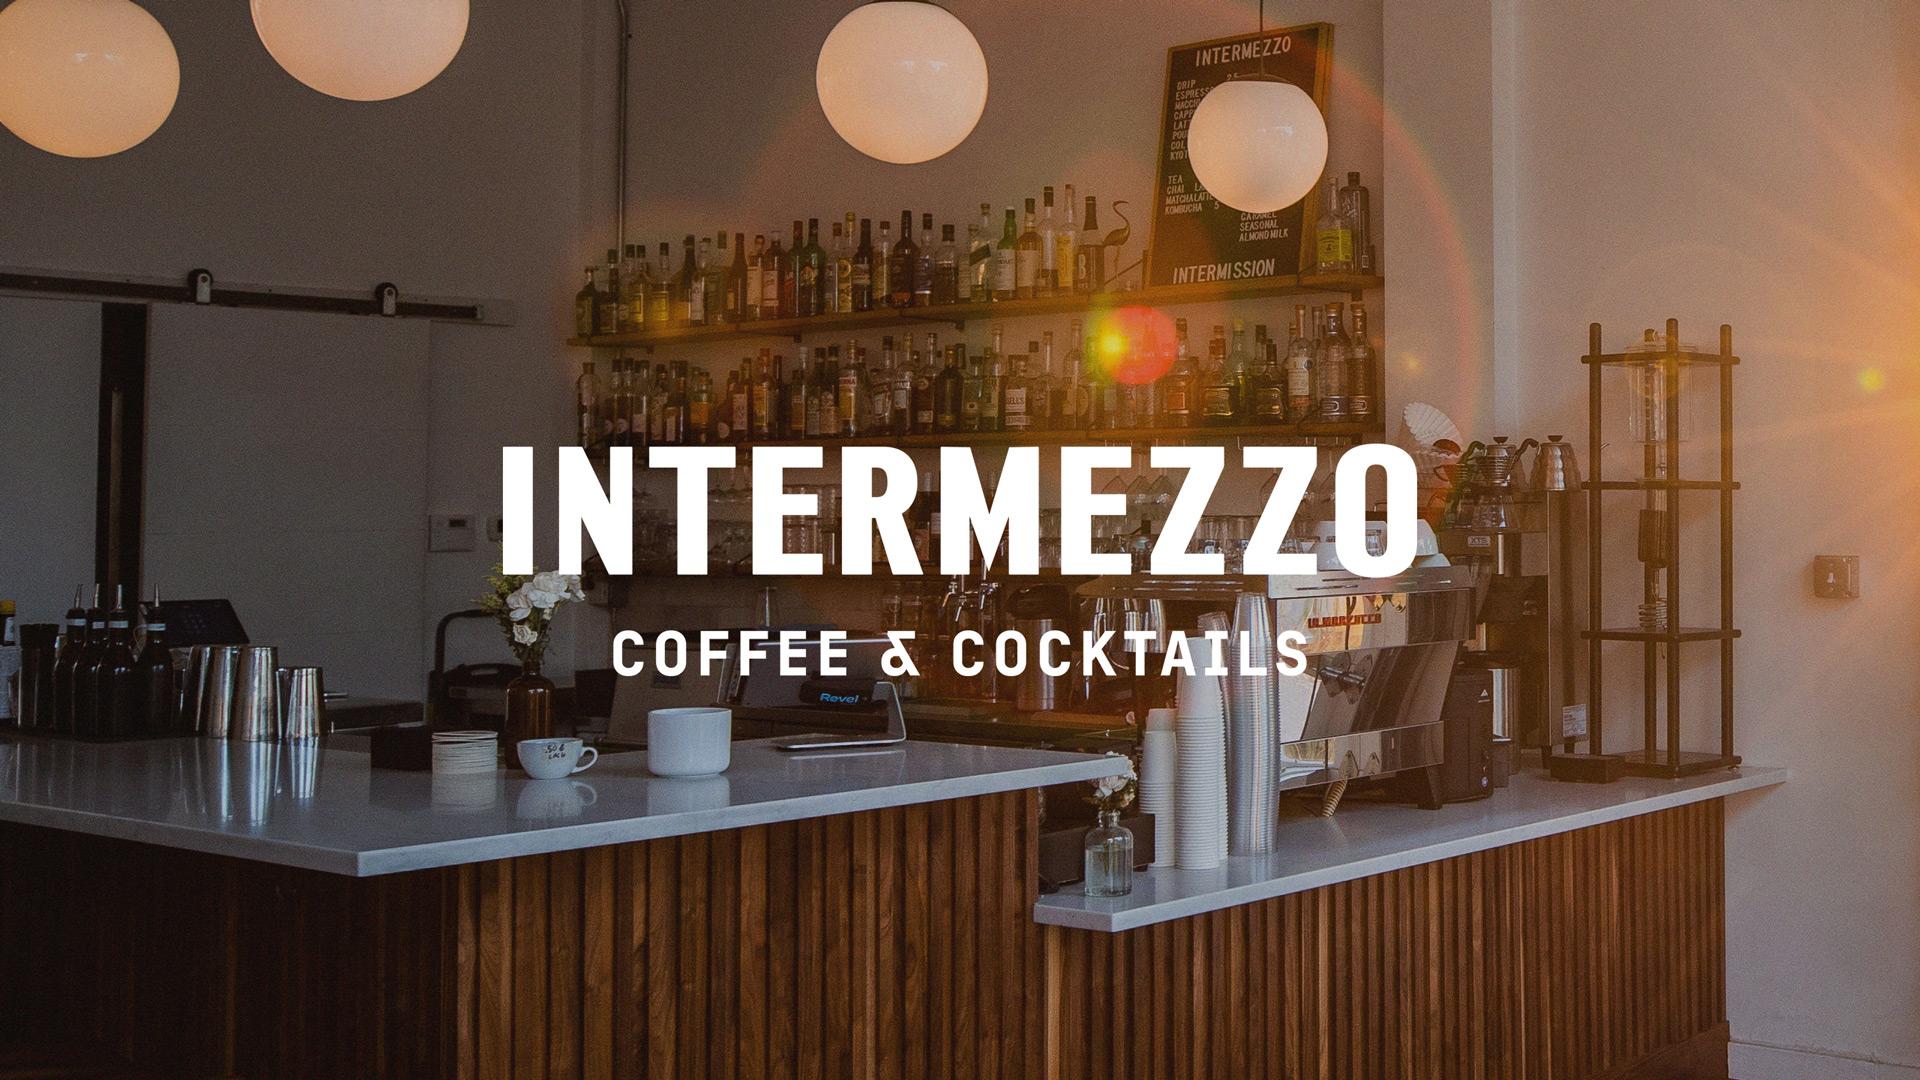 Intermezzo_Case_Study_7.jpg